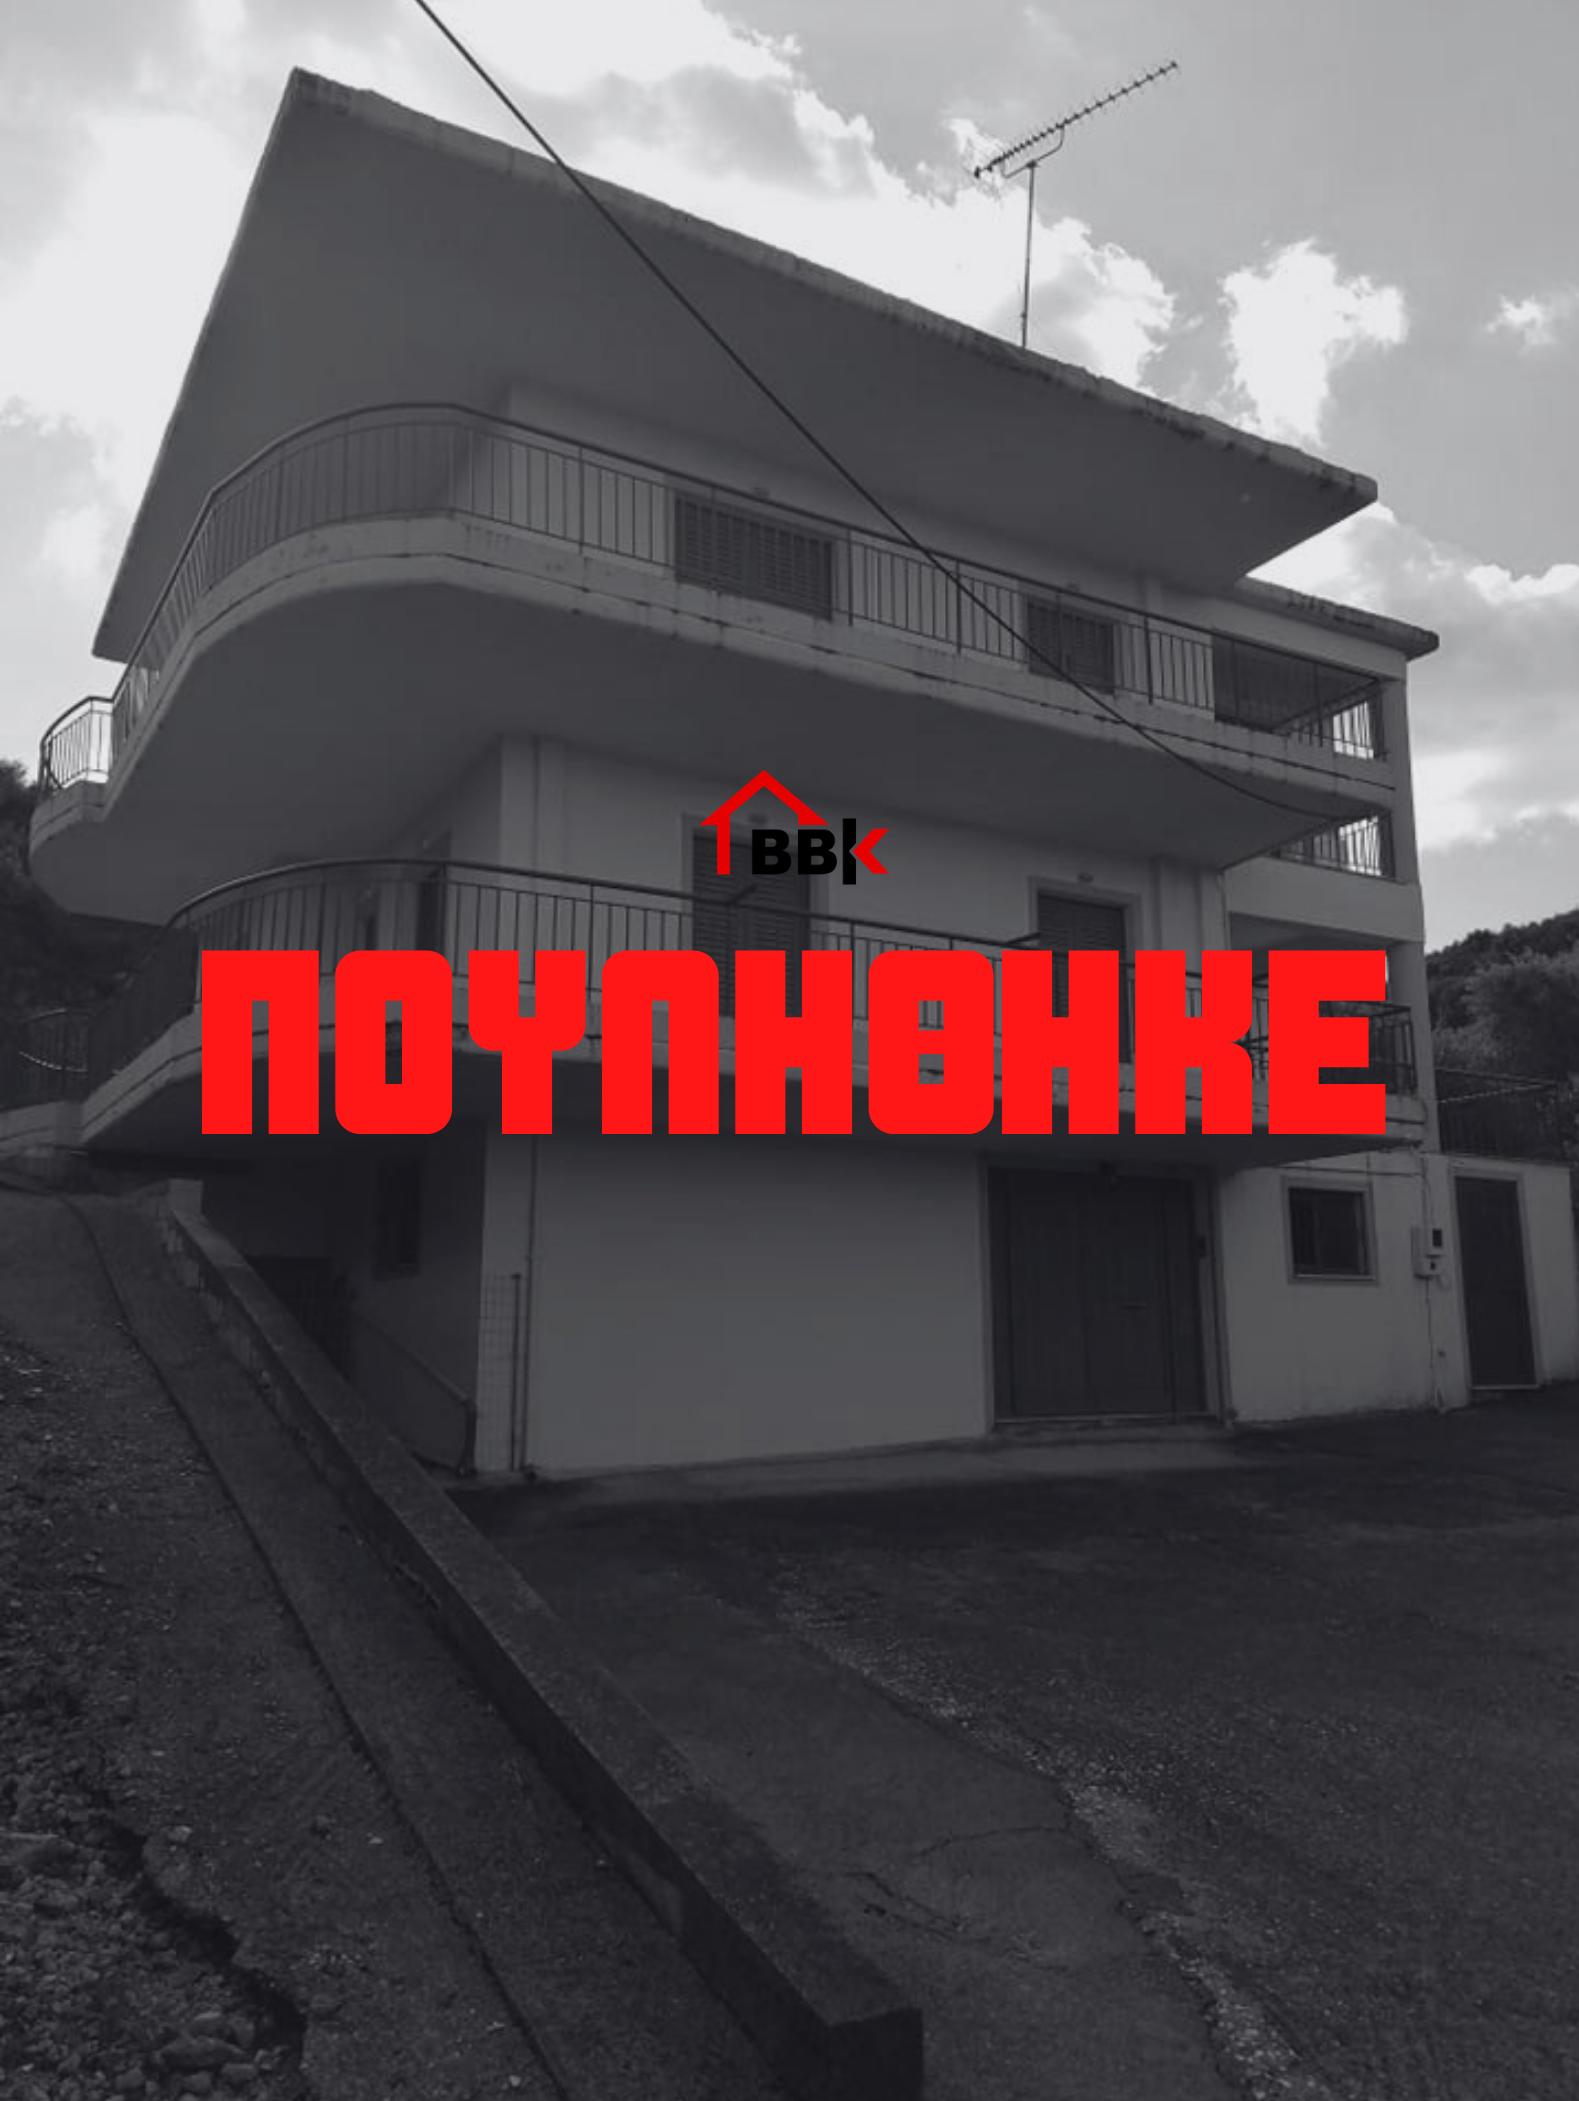 Πωλείται τριώροφη μονοκατοικία 172τμ στο Λεσίνι Αιτωλοακαρνανίας